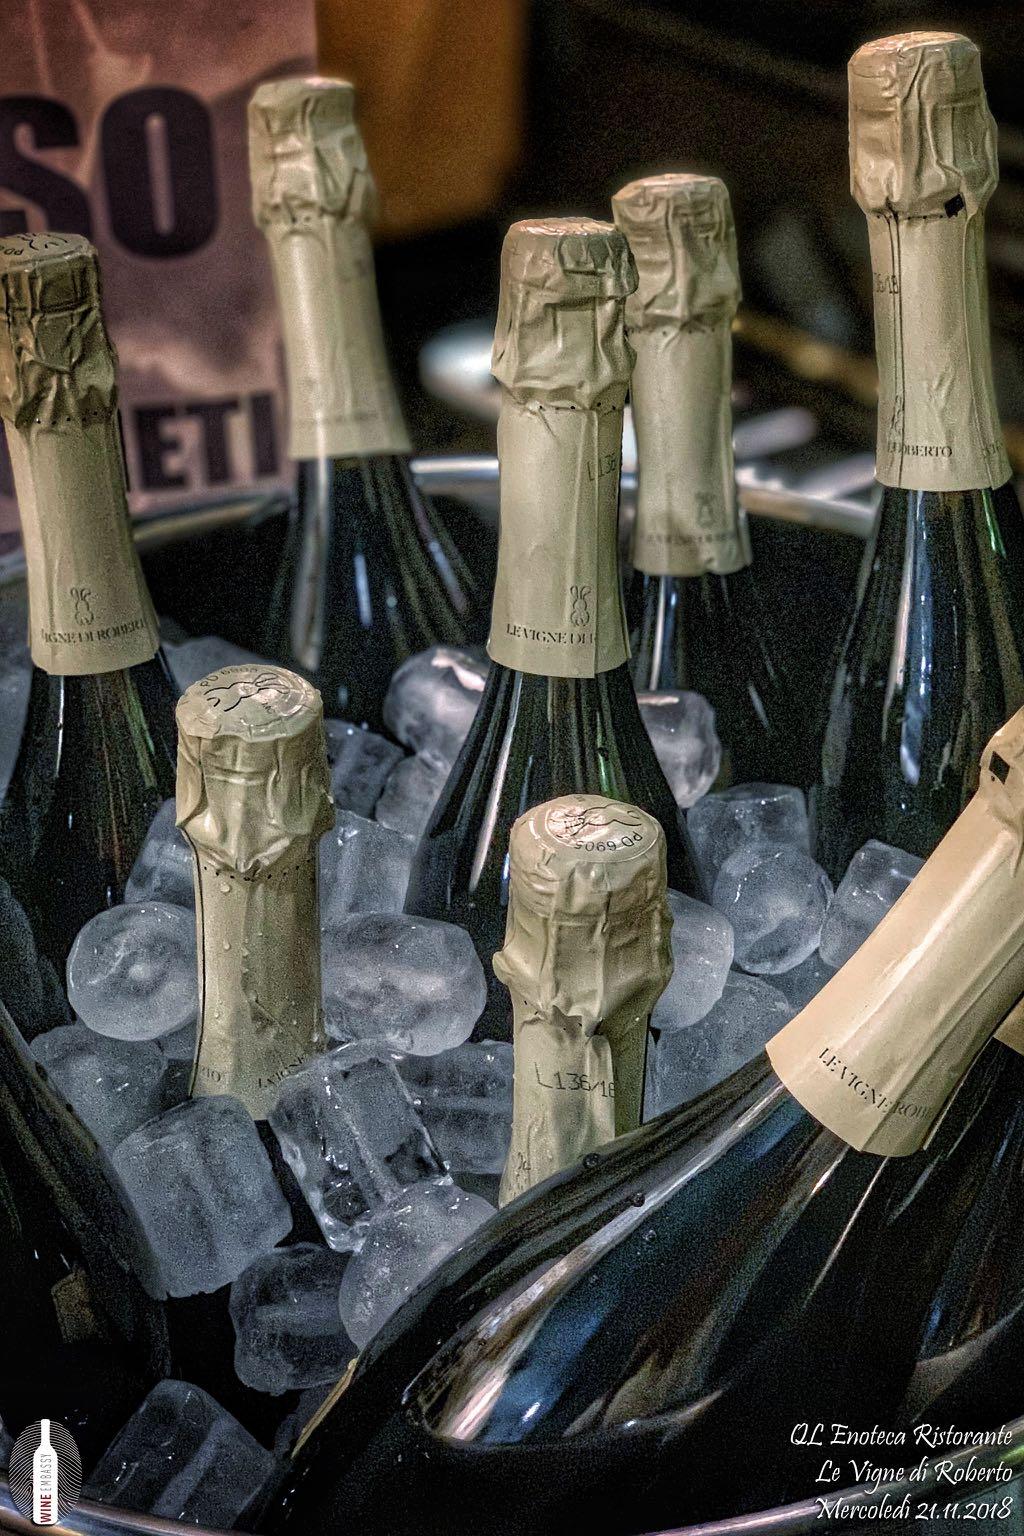 foto Evento Wine Embassy – Qle Vigne di Roberto Novembre 2018 11